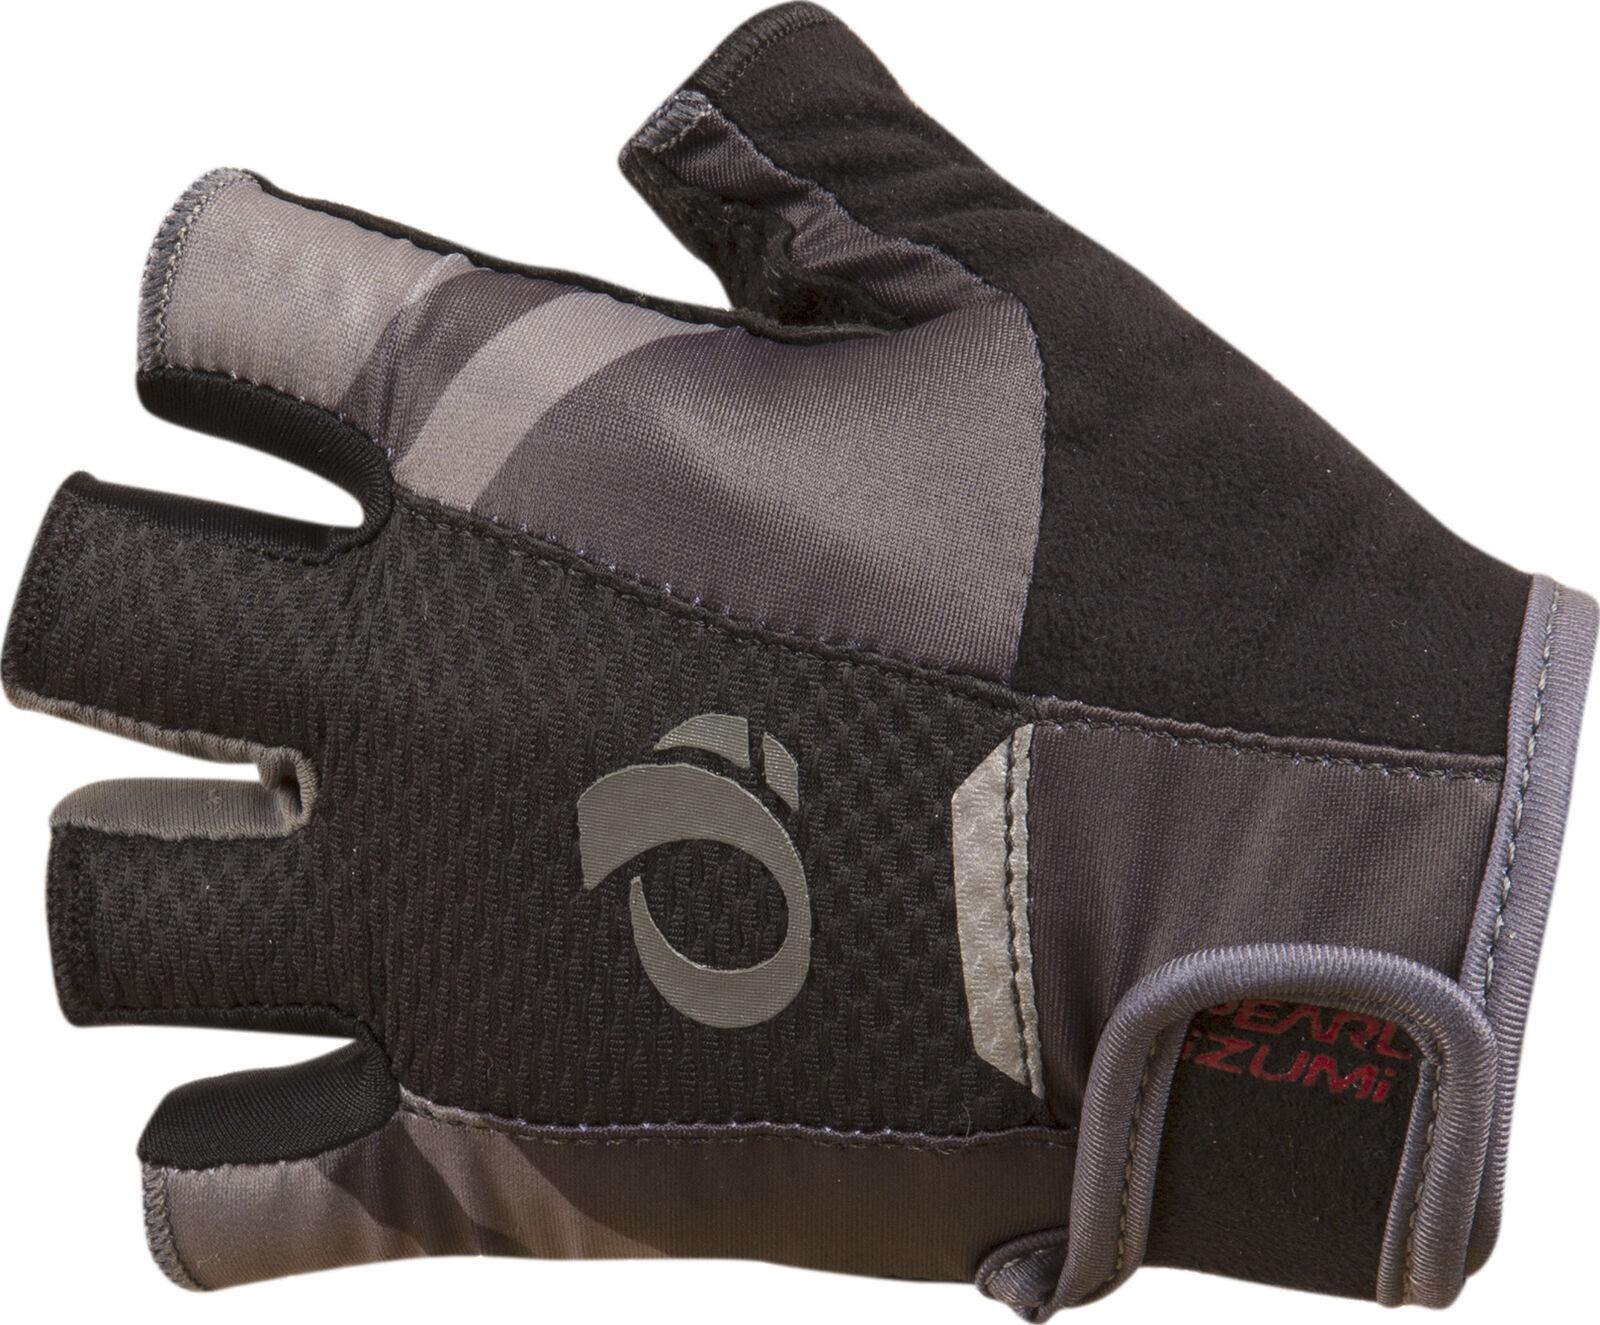 Pearl Izumi Pro Gel Damen Damen Damen Fahrrad Handschuhe kurz schwarz 2017 d2aa5c